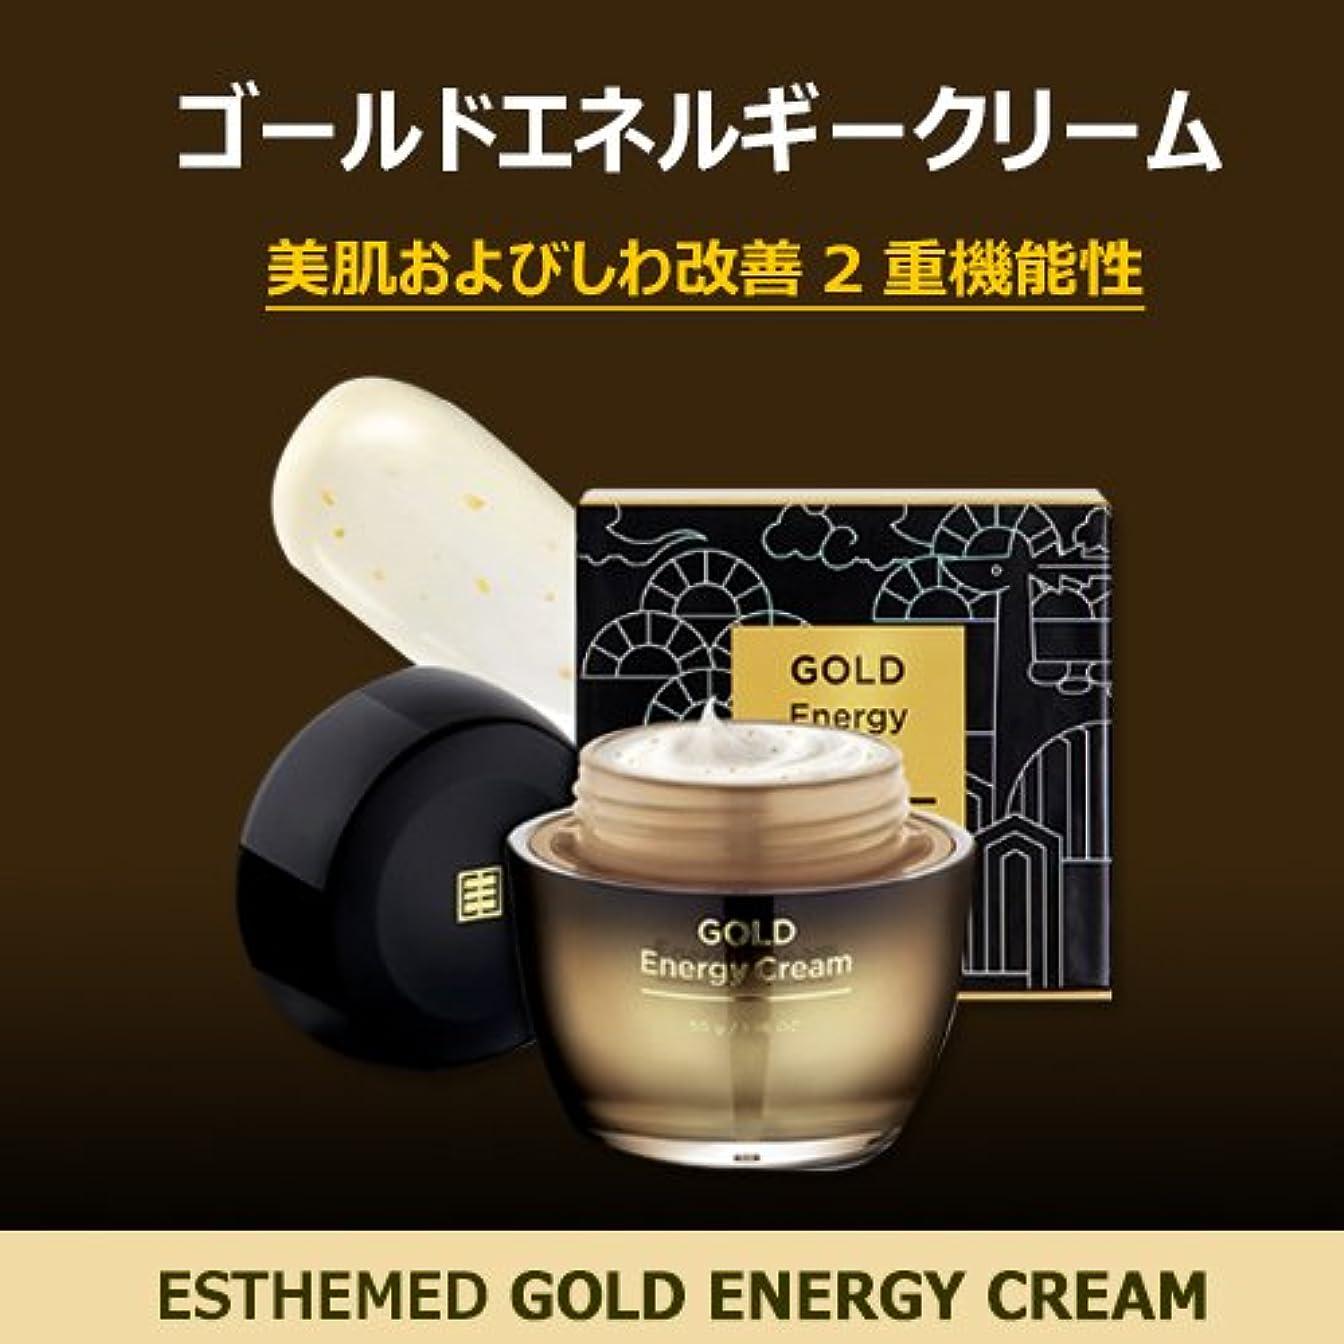 悪意のある好戦的な金曜日ESTHEMED エステメド ゴールド エネルギー クリーム GOLD Energy Cream 50g 【 シワ改善 美肌 保湿 回復 韓国コスメ 】